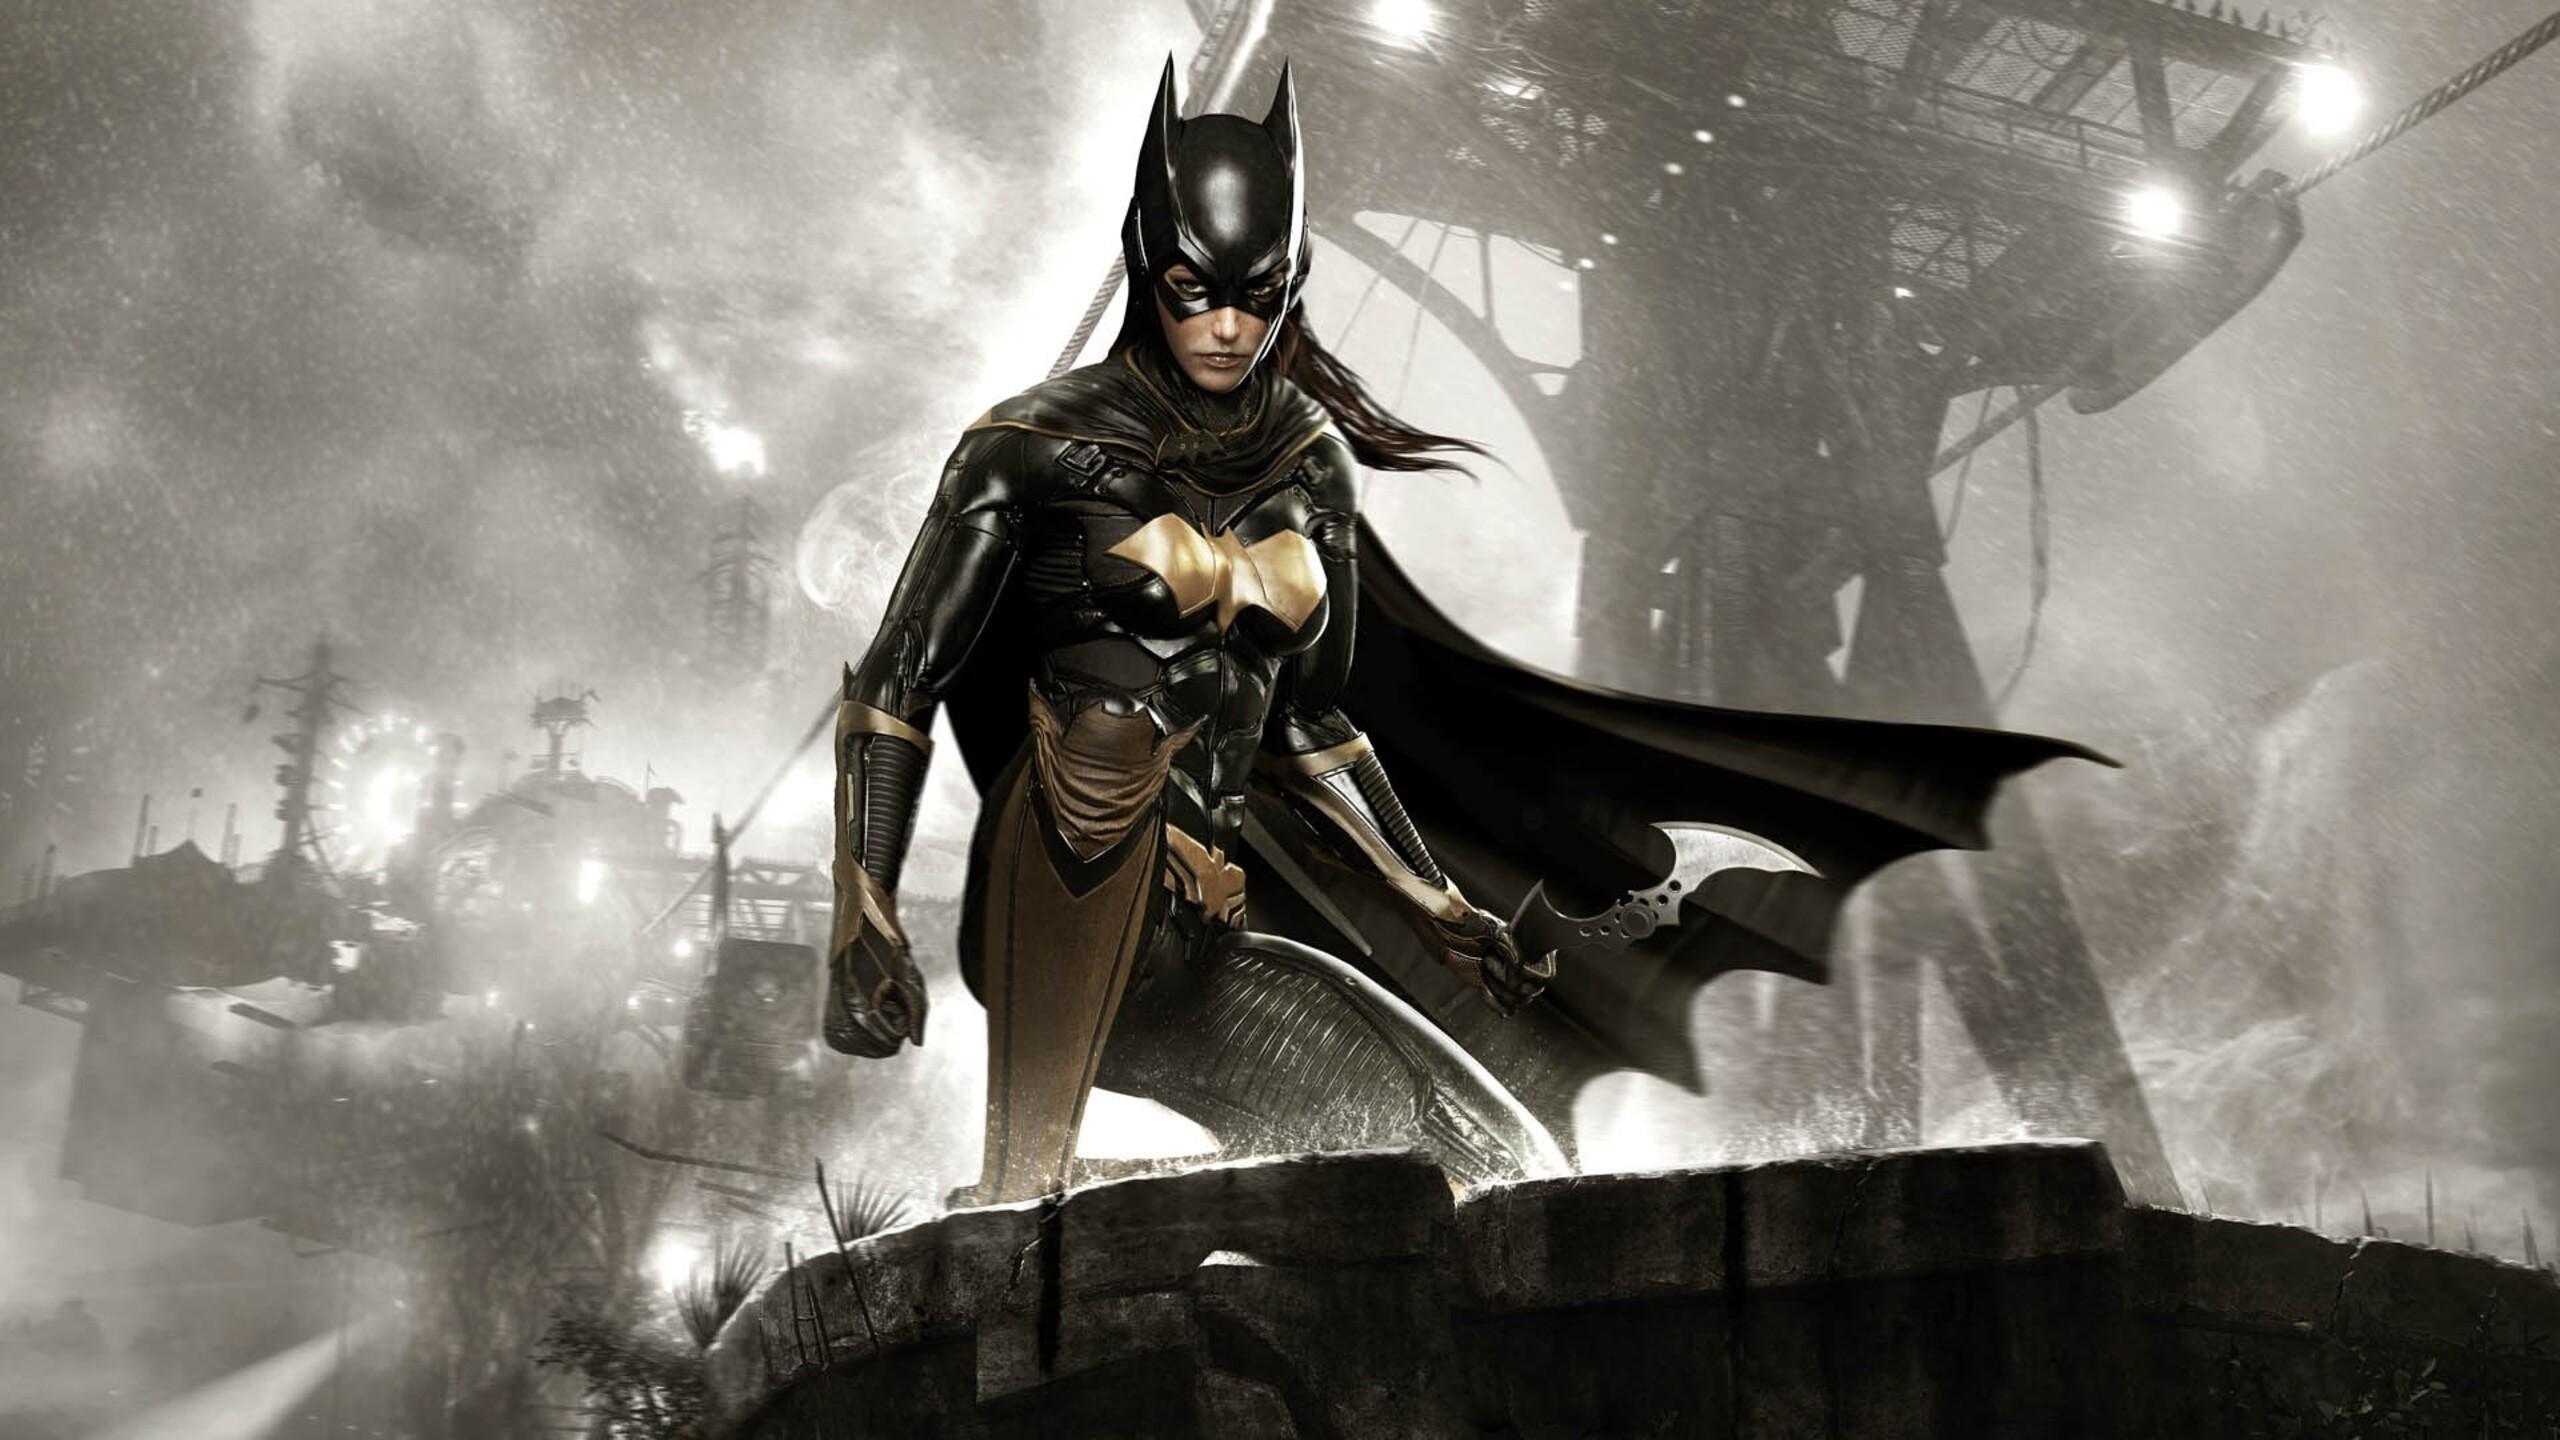 2560x1440 batman arkham knight batgirl 1440p resolution hd for Batman arkham knight wallpaper 1920x1080